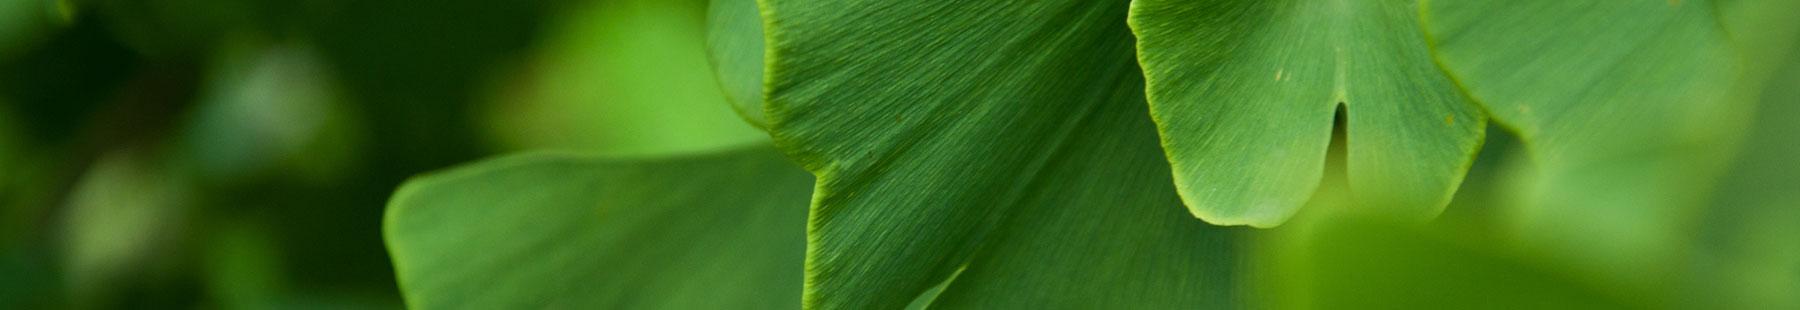 krankheit 04